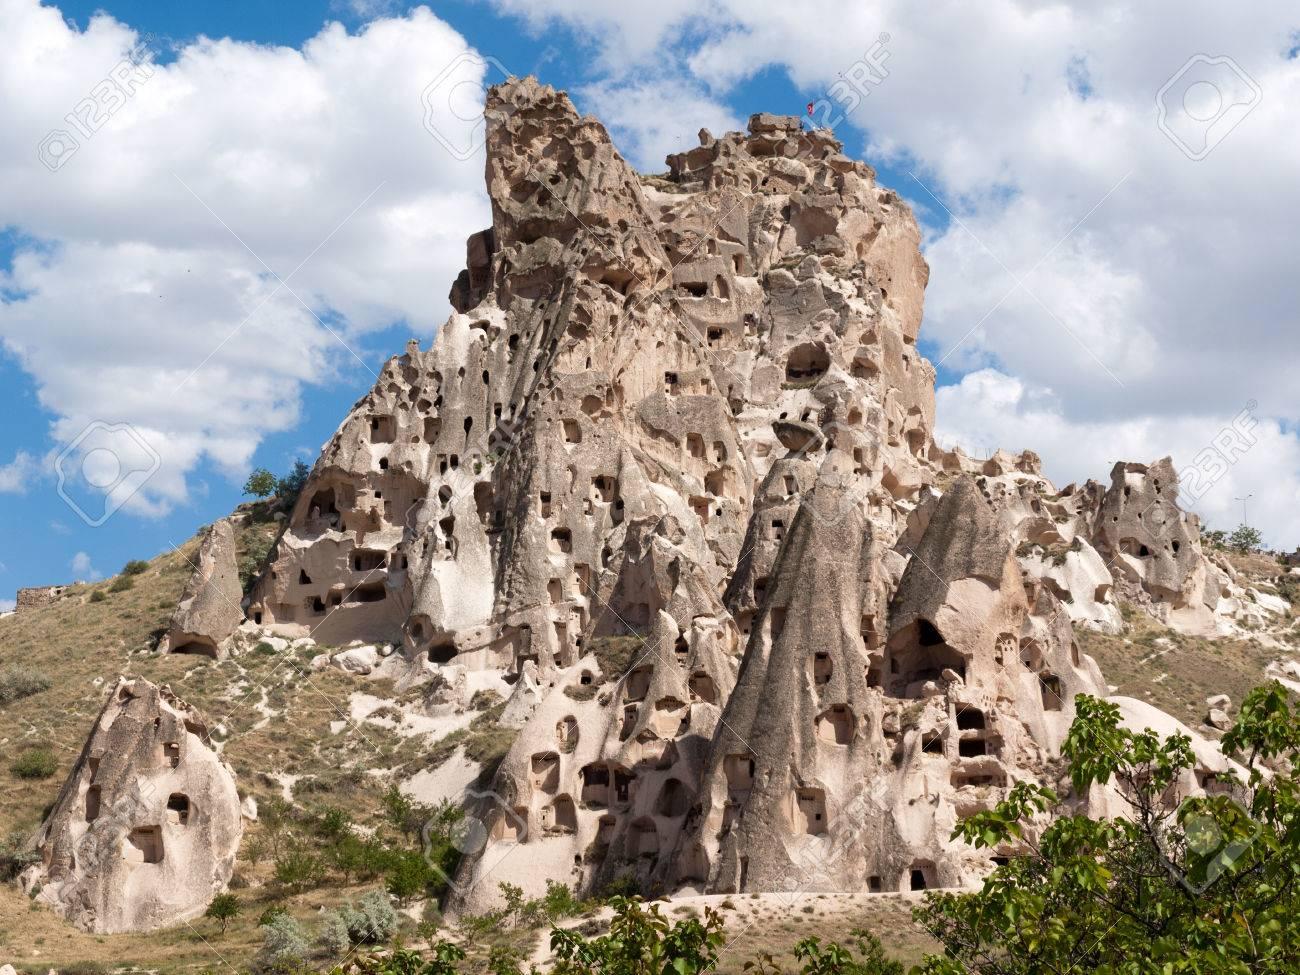 Vista Del Castillo De Uchisar En Capadocia, Turquía Fotos, Retratos,  Imágenes Y Fotografía De Archivo Libres De Derecho. Image 39877313.